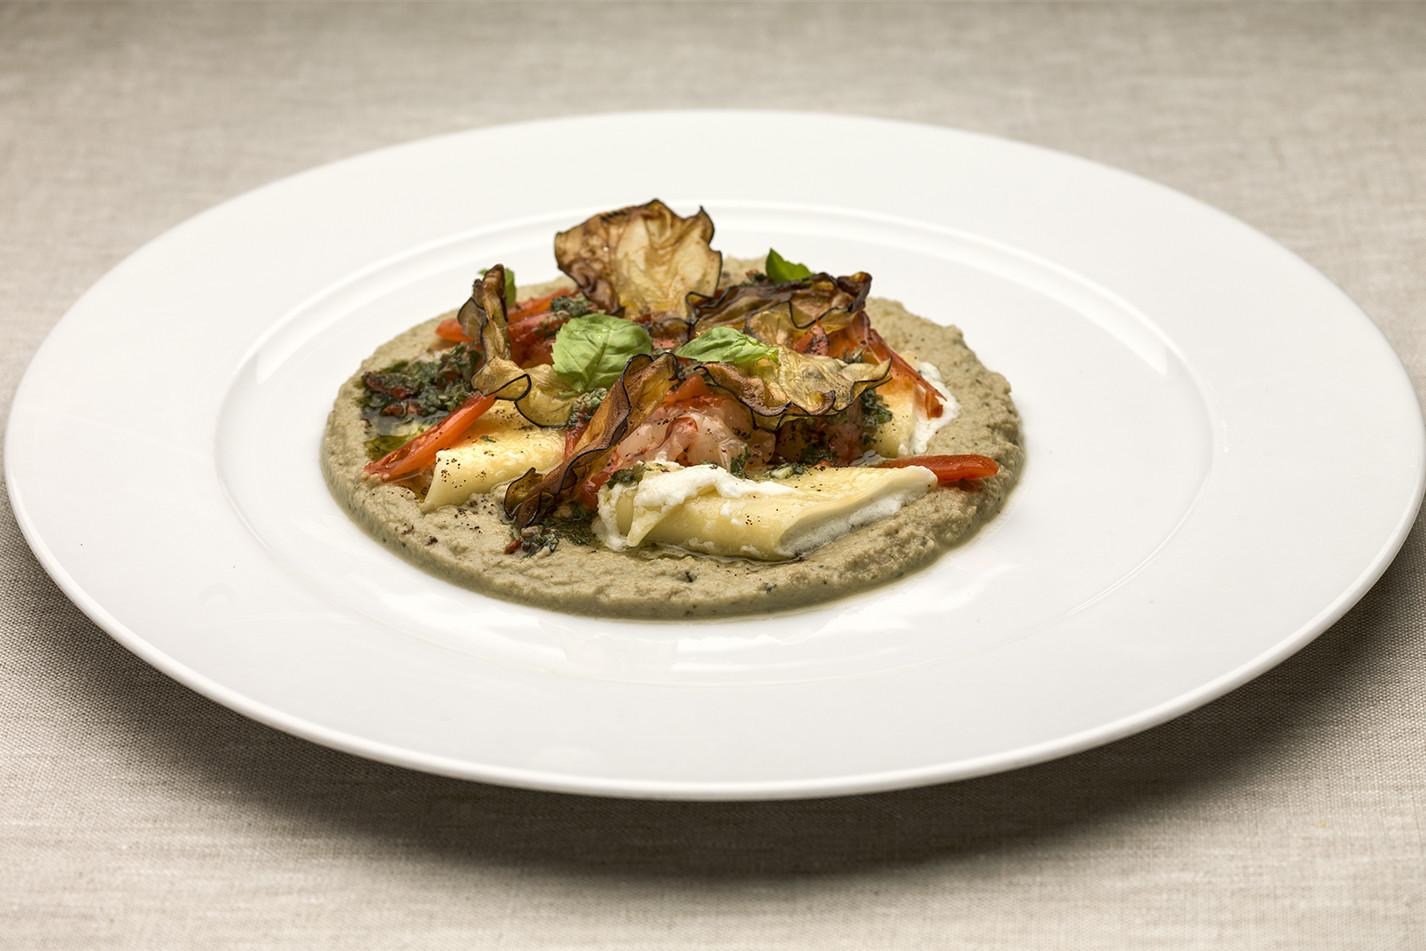 Umberto Massimo's dish